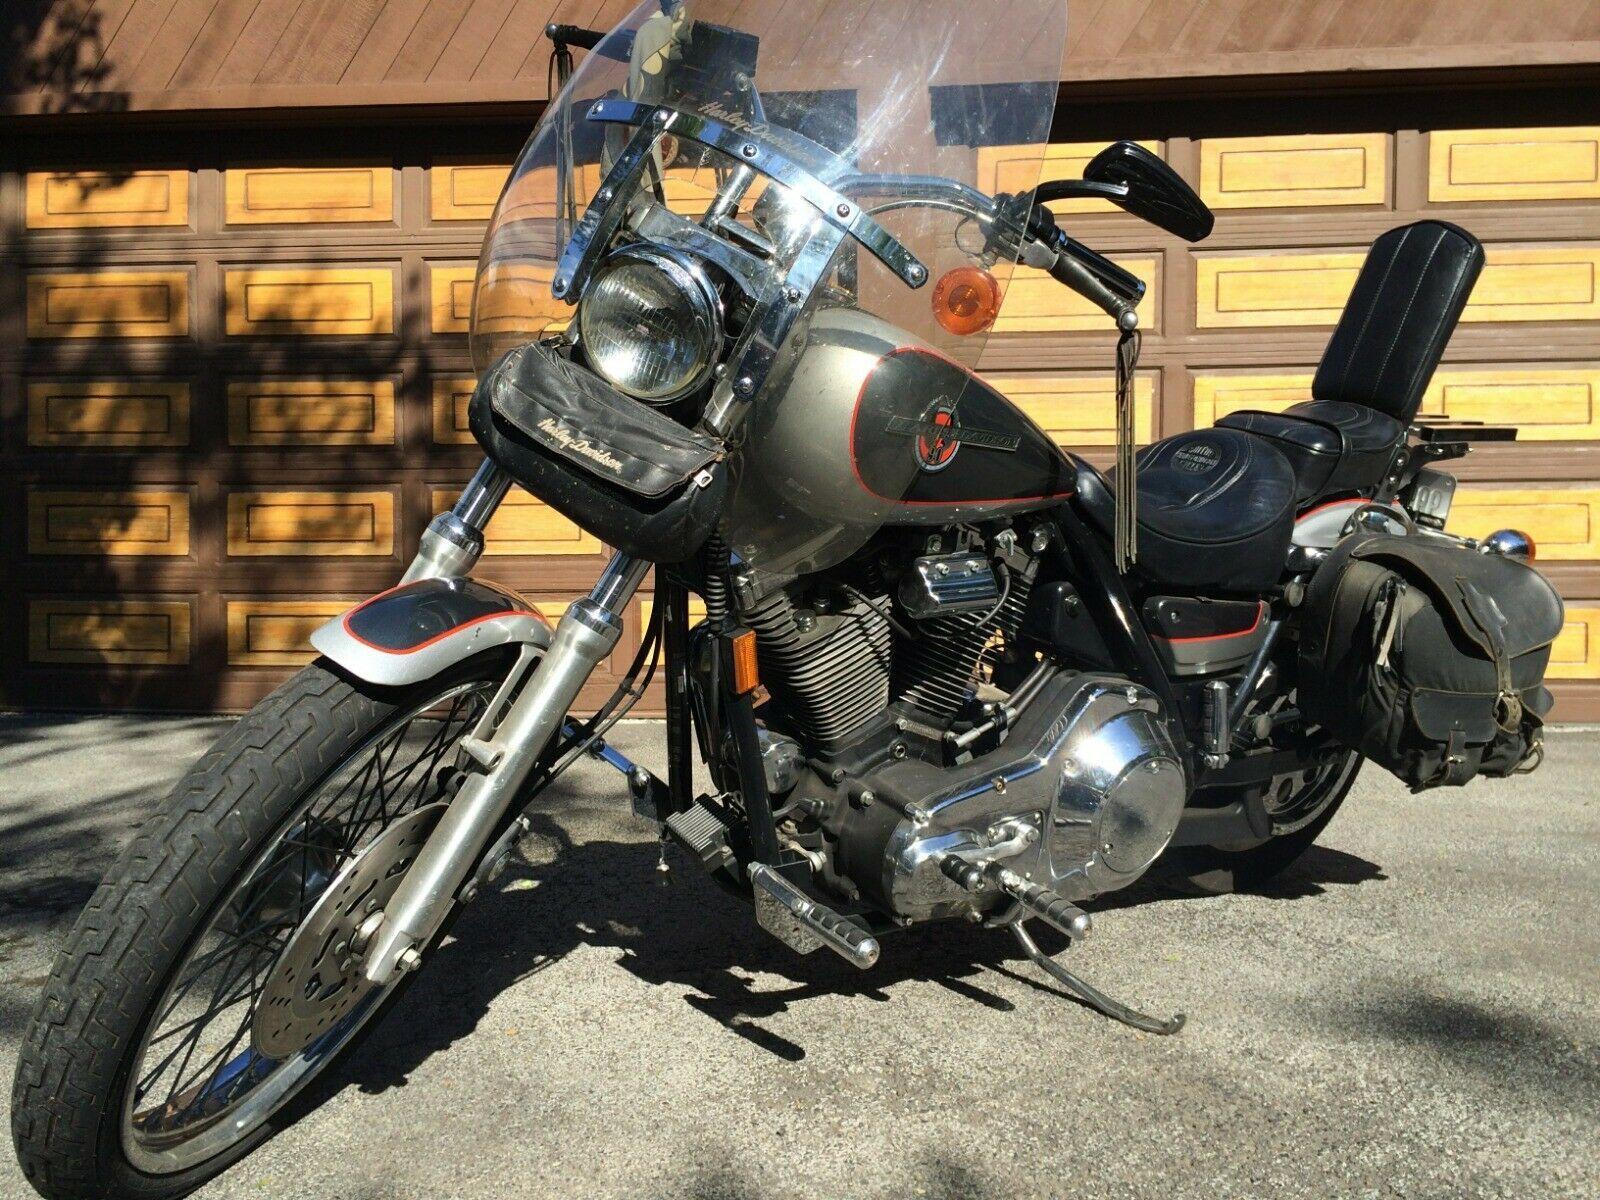 Details about 1993 Harley-Davidson FXR | FXR - Harley